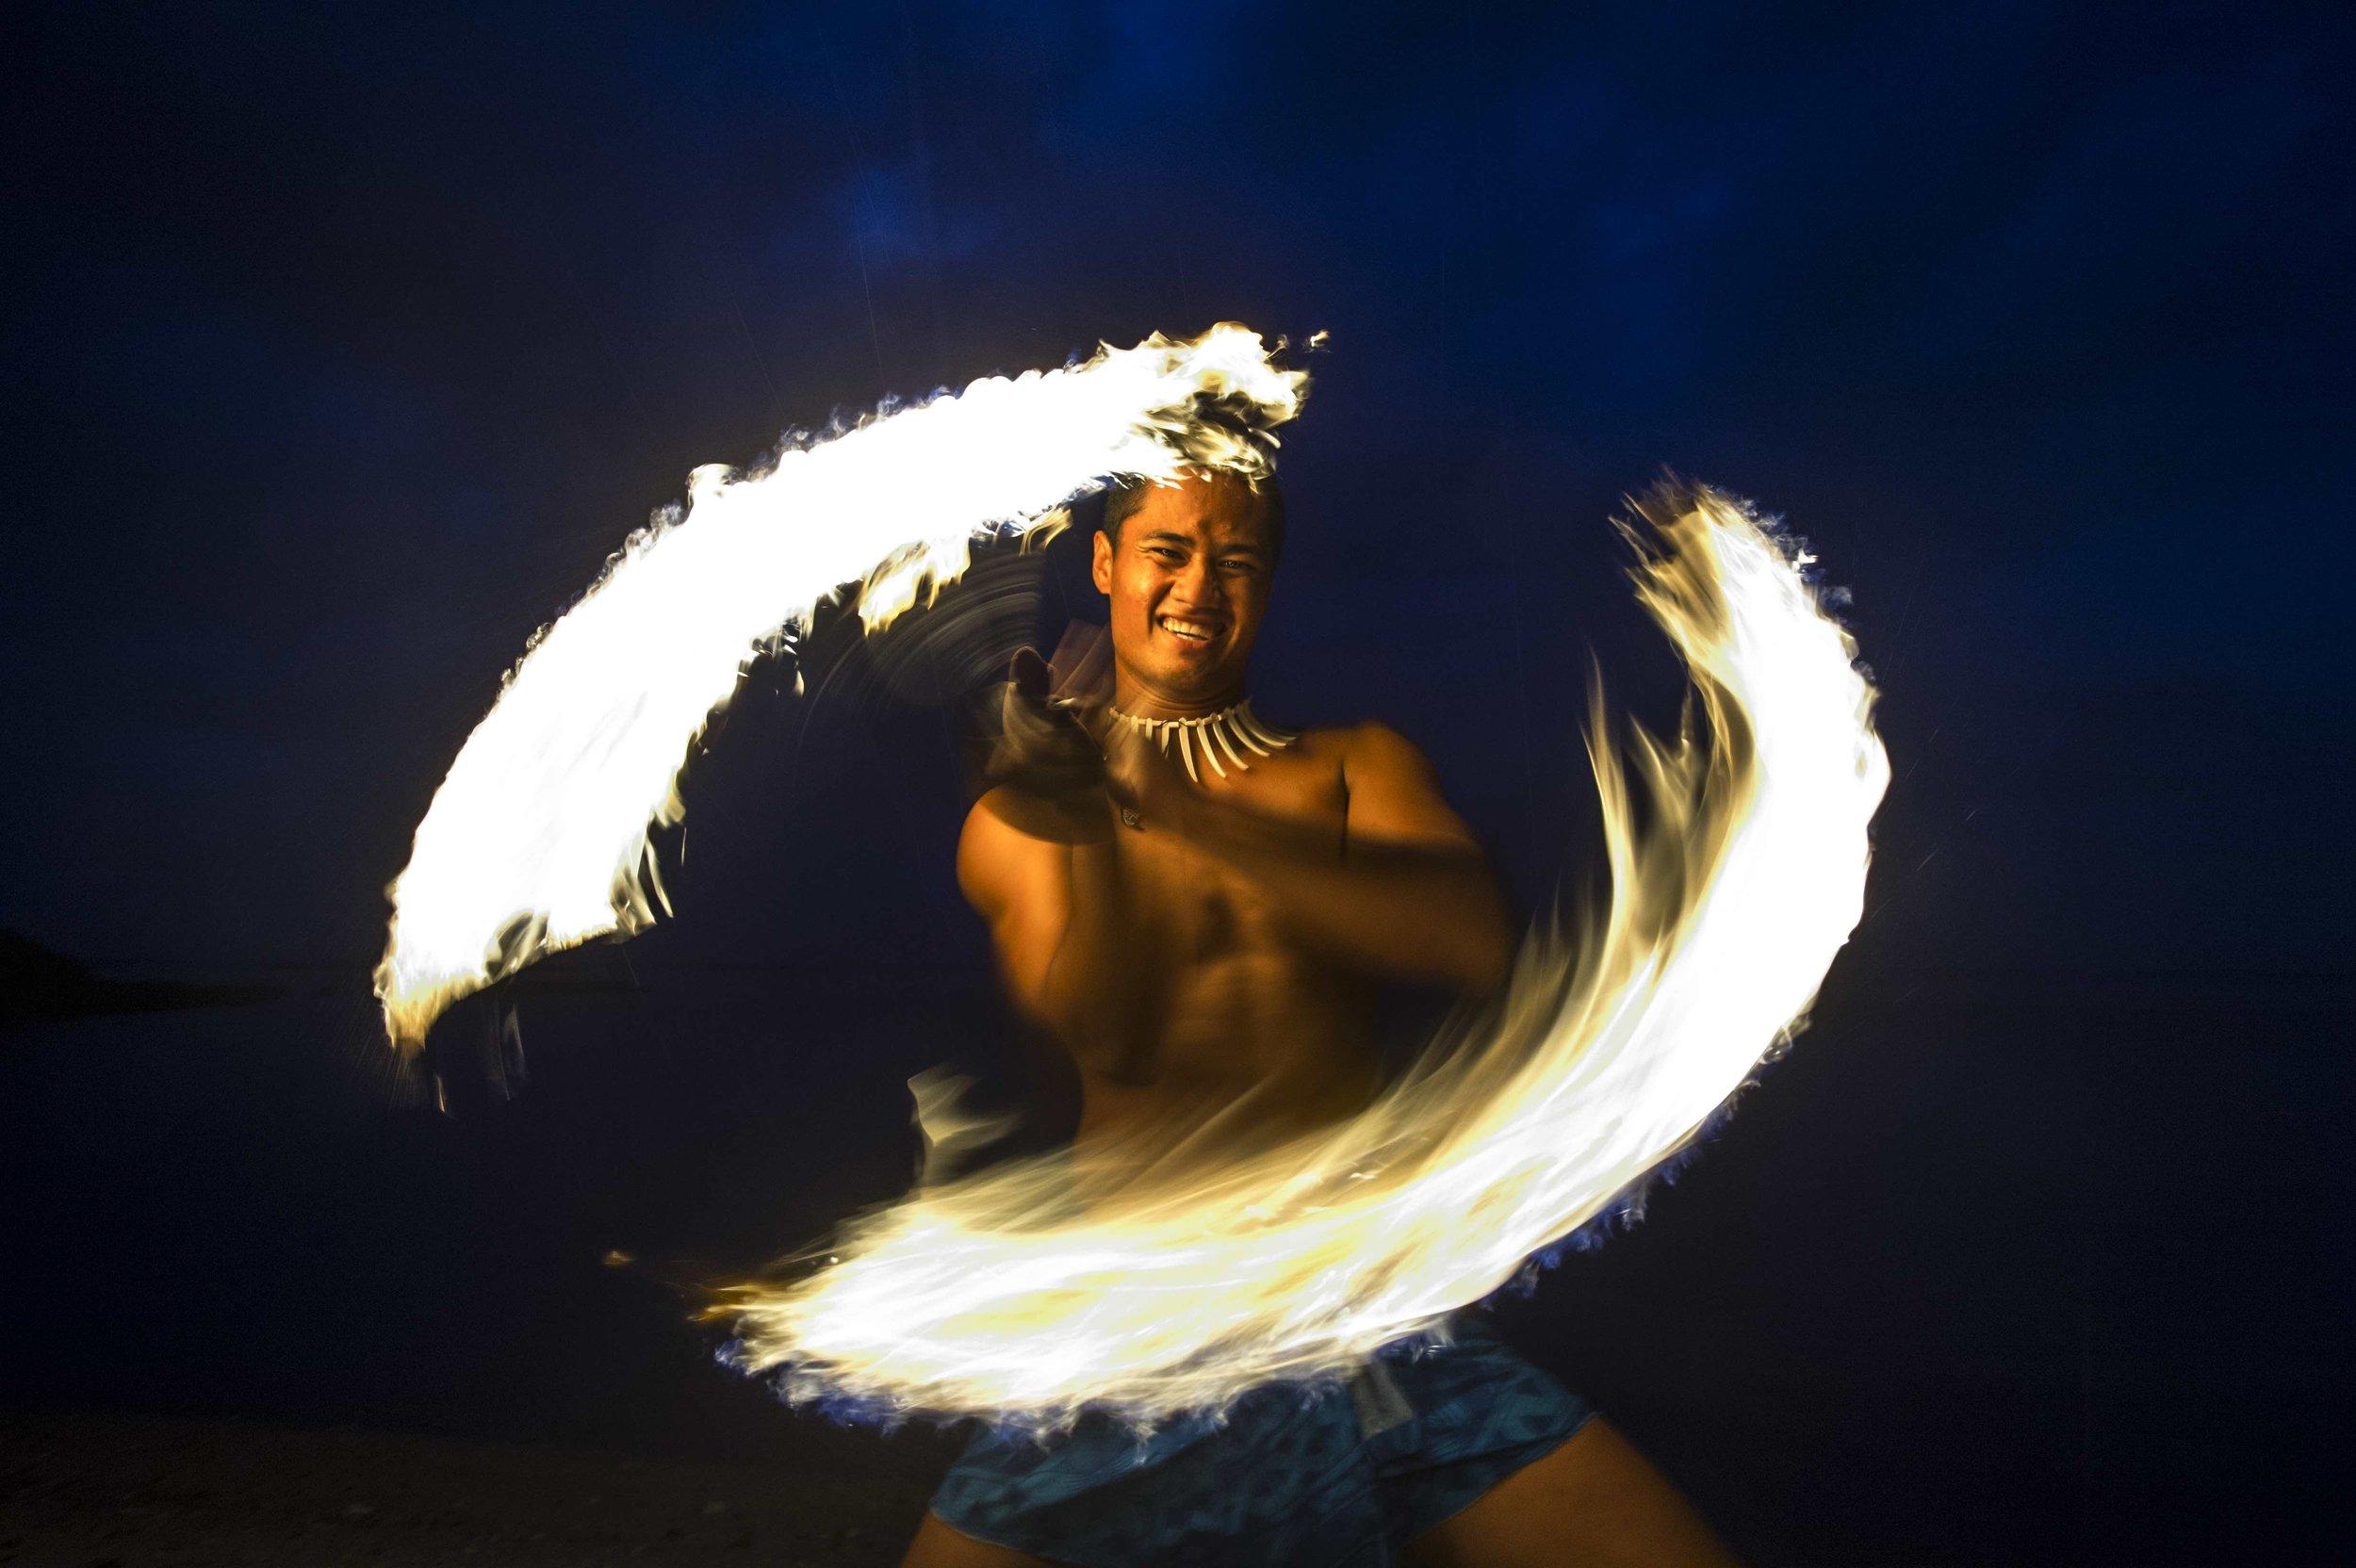 fire_dancing_show_samoa.jpg